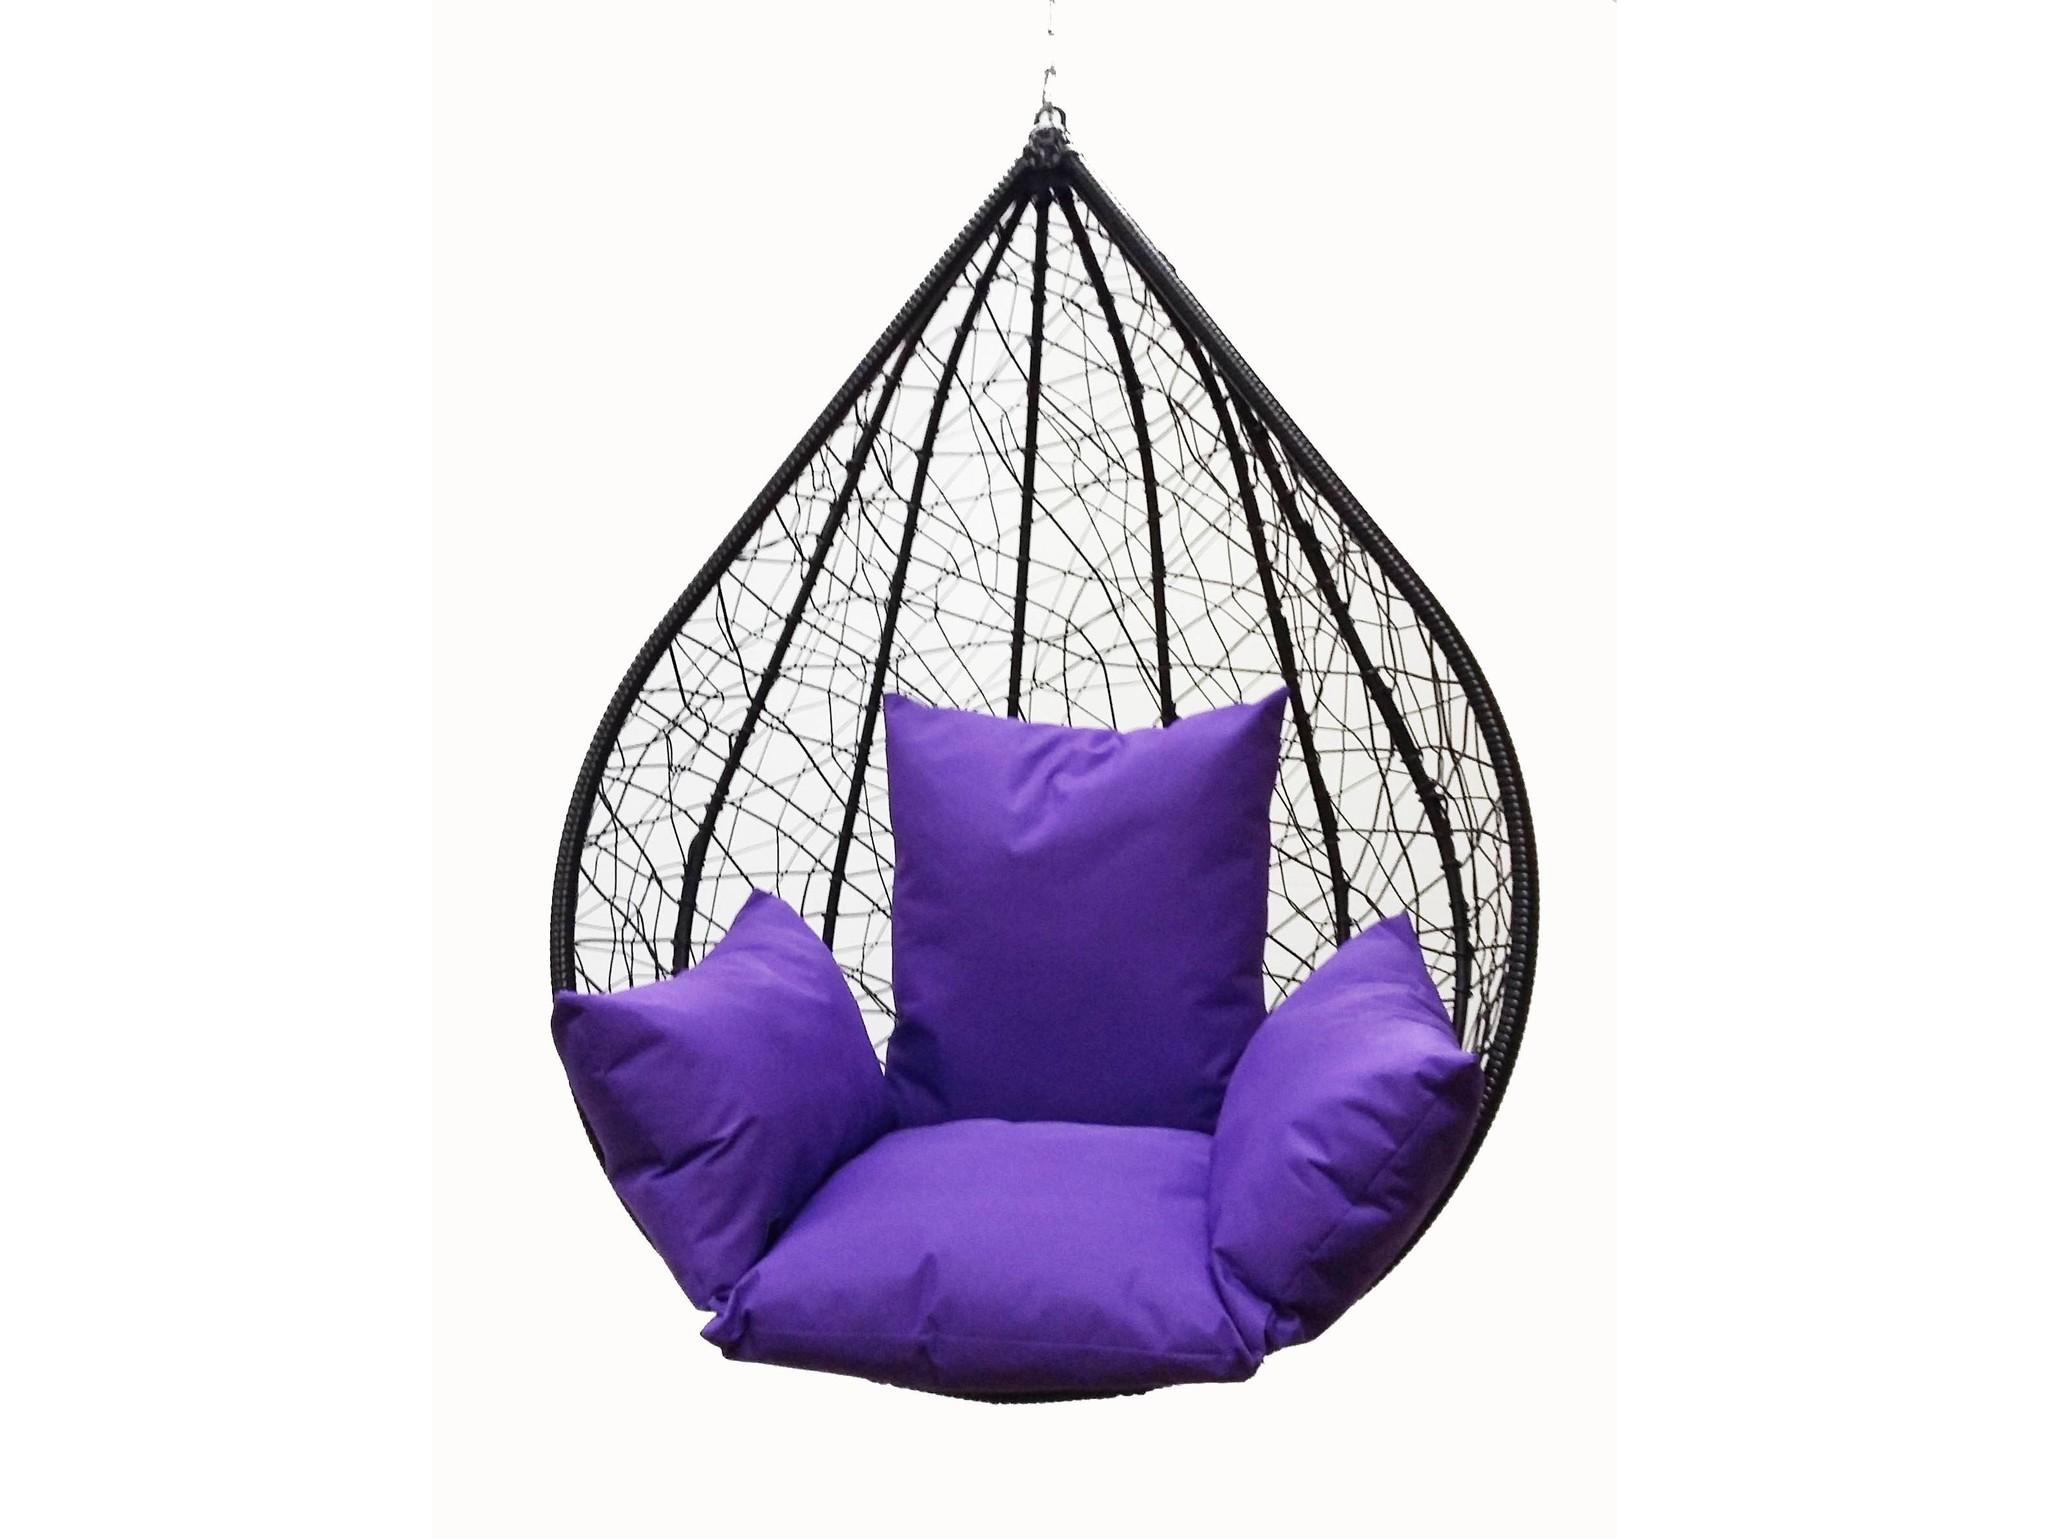 """Кресло АланияПодвесные кресла<br>Интерьерное кресло """"Алания"""" станет прекрасным украшением для любого интерьера. Оно будет гармонично смотреться как в центре большого помещения, так и в уютном уголке, на балконе или на террасе. <br><br>Каркас выполнен из высококачественной стальной трубы и покрыт полимерной краской, которая прекрасно выдерживает перепады температур и тяжелые погодные условия. Для обмотки каркаса используется высококачественный искусственный ротанг толщиной от 2 до 5 мм. Кресла """"Алания"""" будут радовать Вас не один год и отличаются высокой надежностью и долговечностью.&amp;amp;nbsp;&amp;lt;div&amp;gt;Цвет подушки можно выбрать.<br>&amp;lt;/div&amp;gt;&amp;lt;div&amp;gt;&amp;lt;br&amp;gt;&amp;lt;/div&amp;gt;&amp;lt;div&amp;gt;&amp;lt;span style=&amp;quot;font-size: 14px;&amp;quot;&amp;gt;Подушка приобретается отдельно.&amp;lt;/span&amp;gt;&amp;lt;br&amp;gt;&amp;lt;/div&amp;gt;<br><br>Material: Искусственный ротанг<br>Ширина см: 105<br>Высота см: 135<br>Глубина см: 64"""